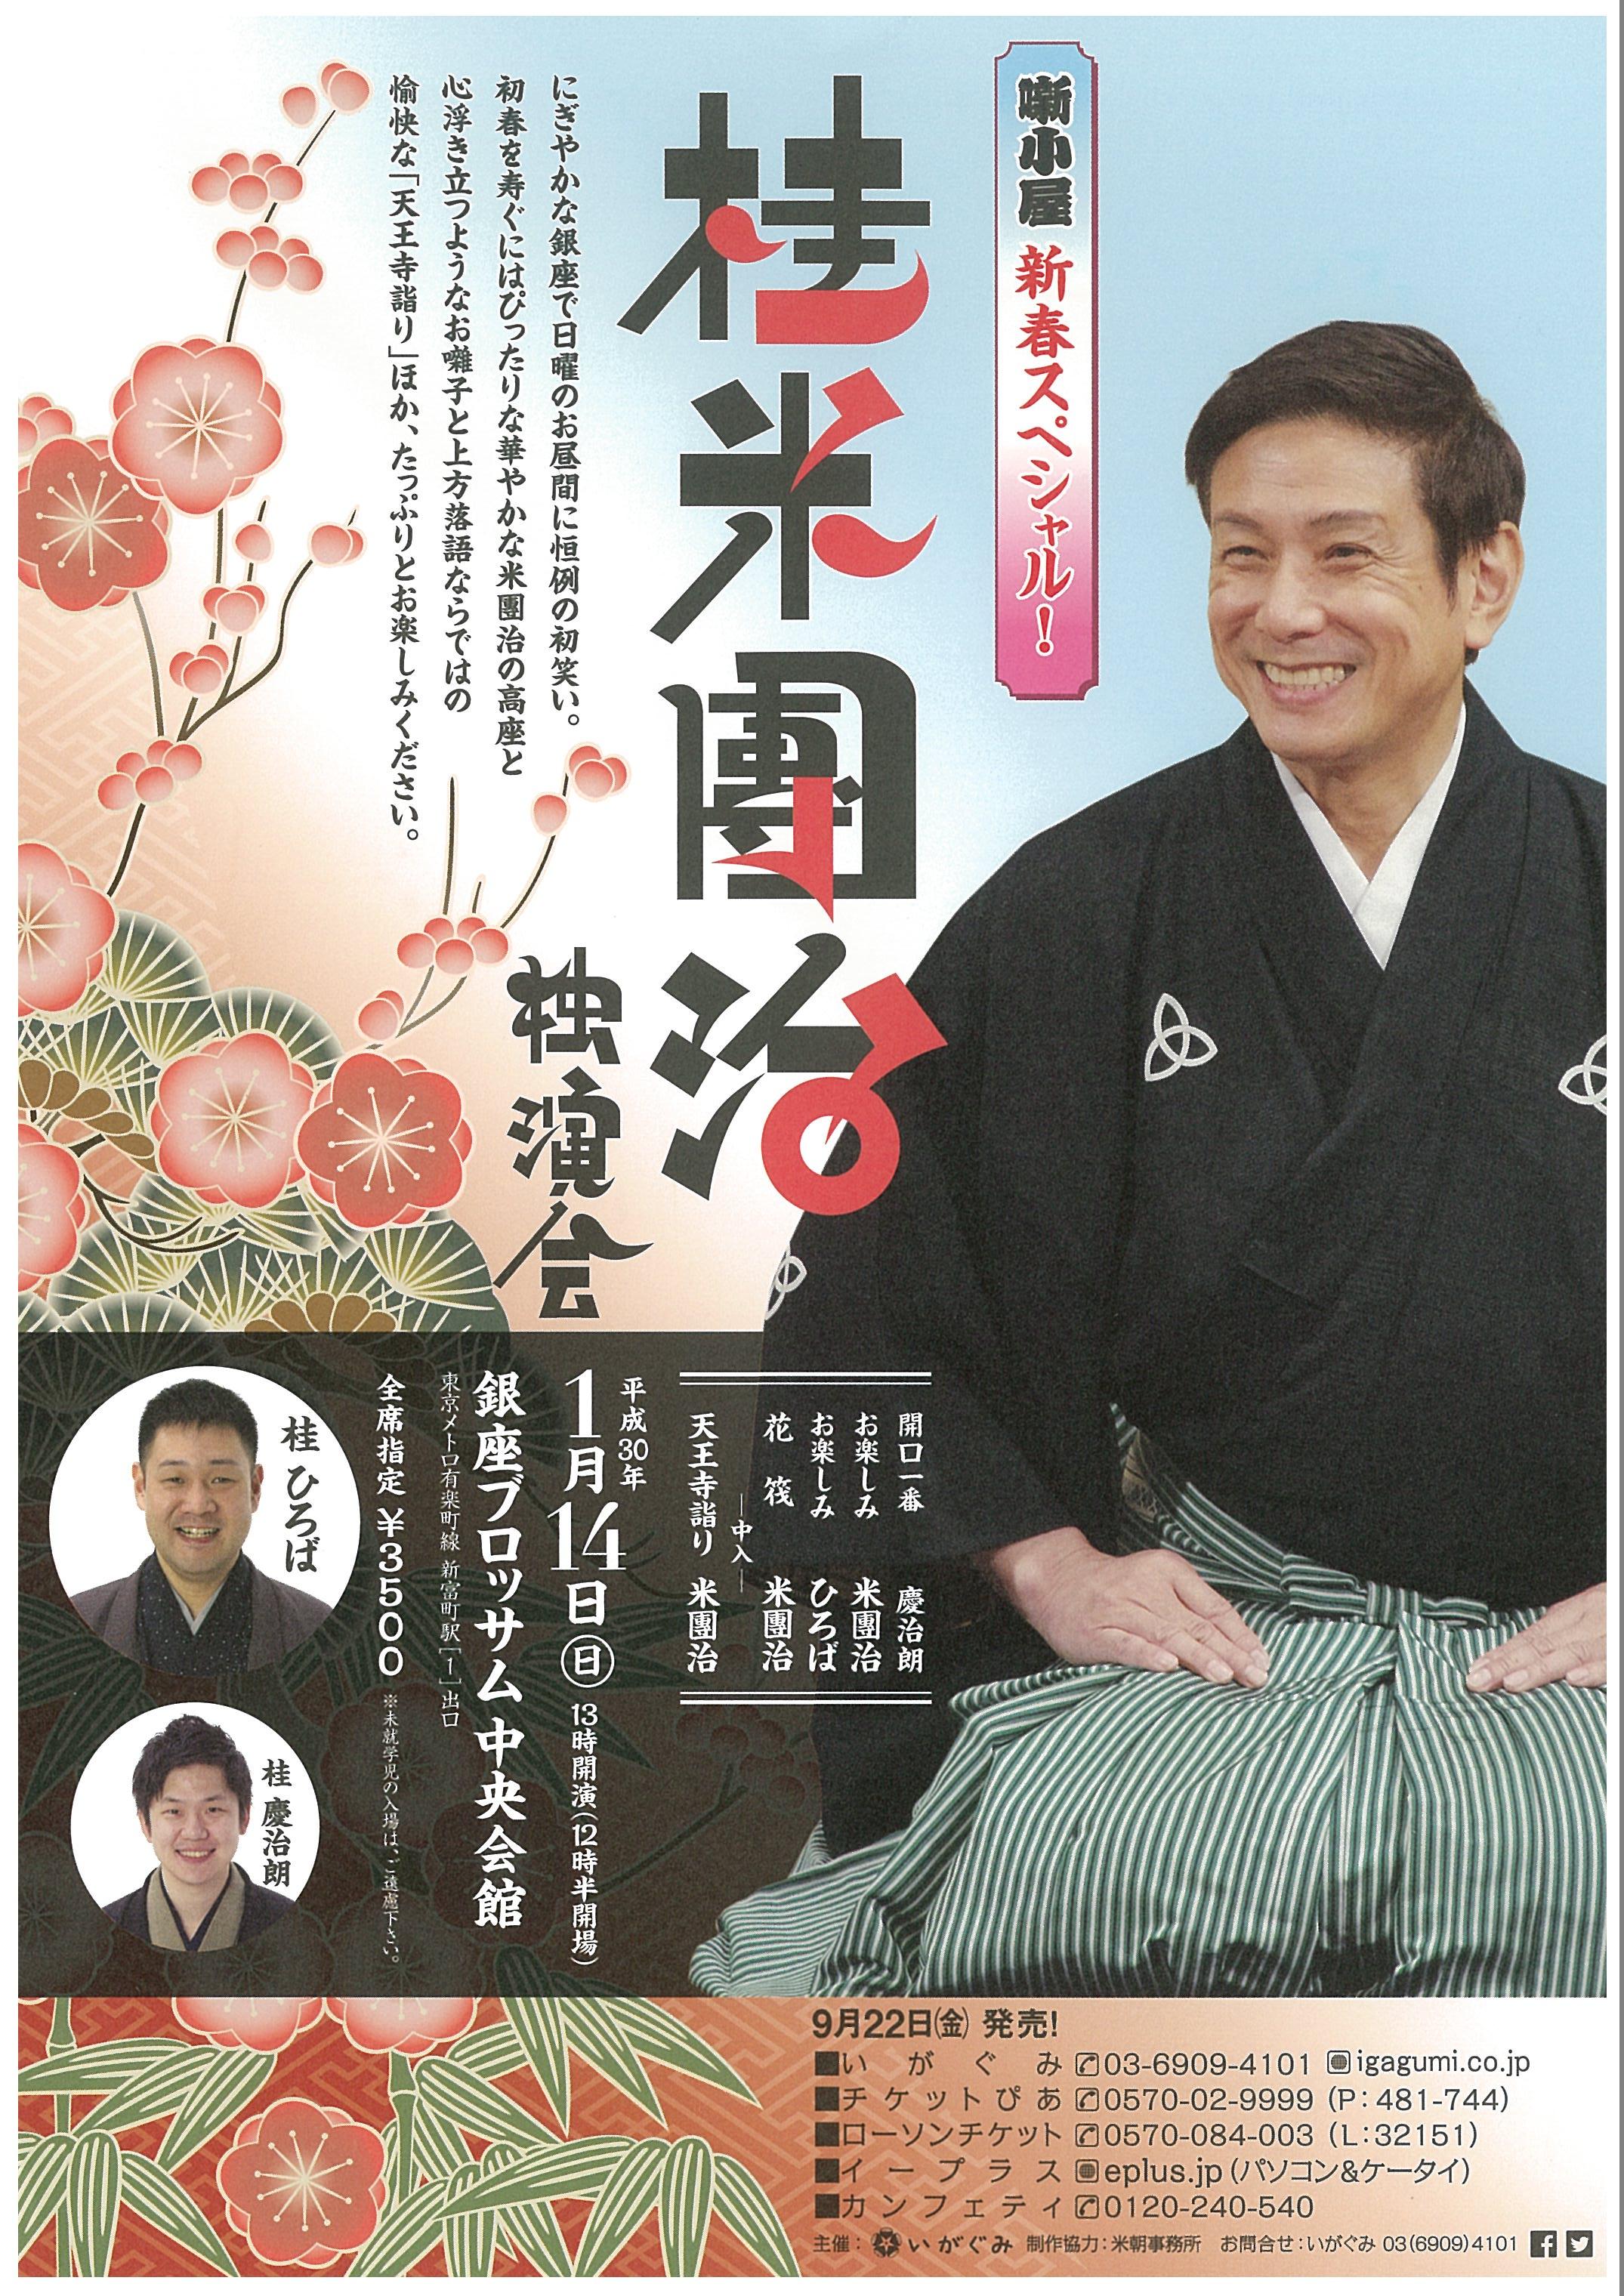 噺小屋新春スペシャル! 桂 米團治 独演会